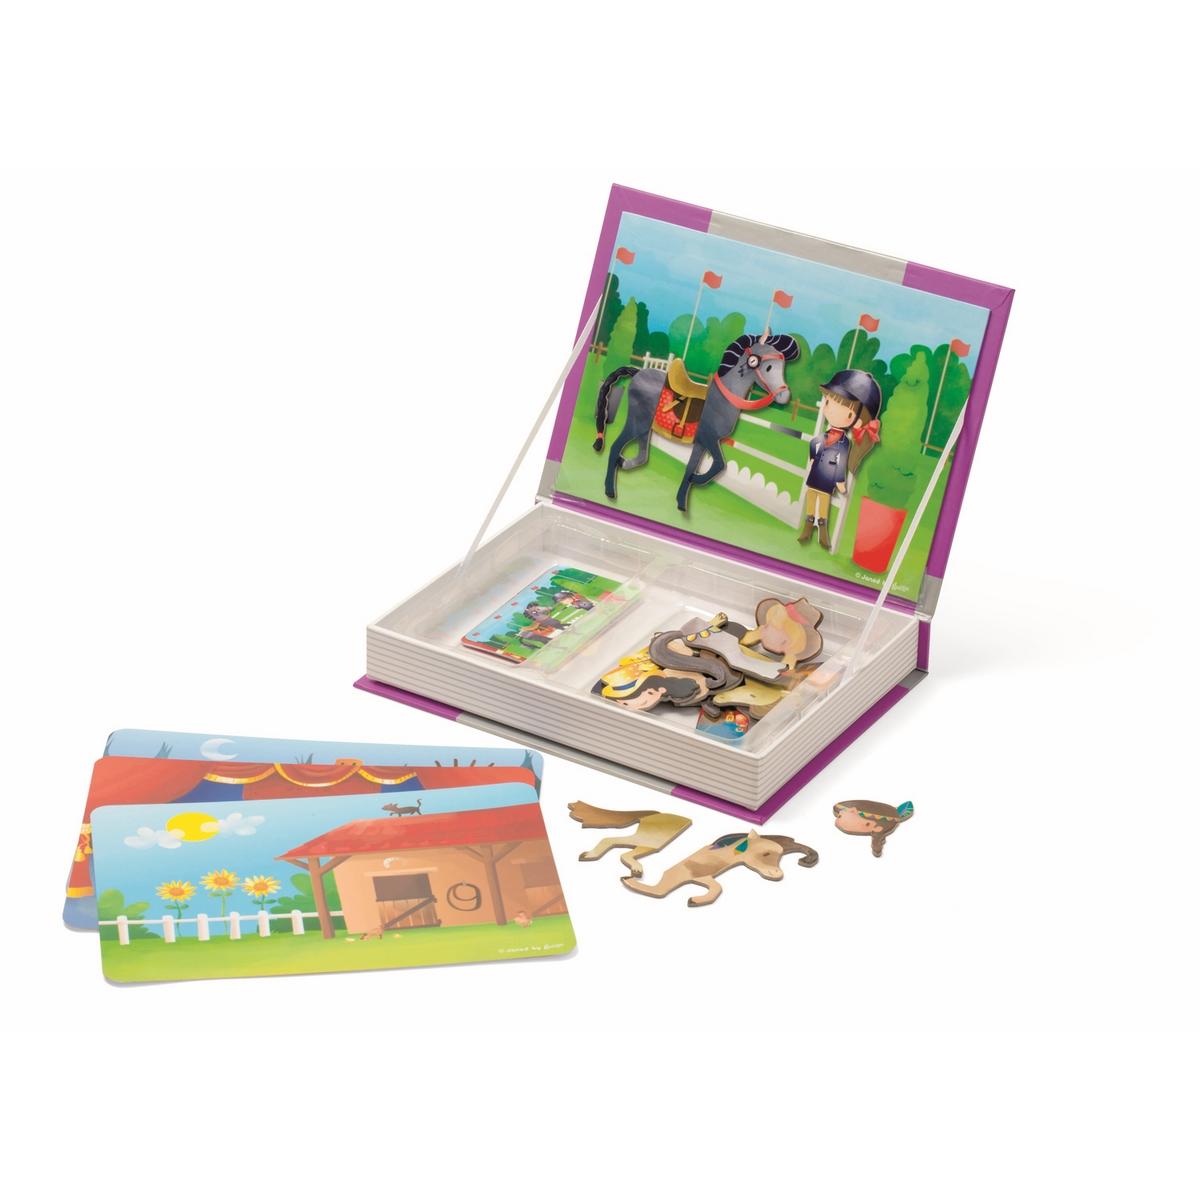 Janod Магнитная книга-игра ЛошадкиJ02833Магнитная книга-игра Janod Лошадки внешне выглядит как толстая книга. Изготовлена из плотного картона. Дизайн книги оформлен в соответствии с ее тематикой. Обложка книги открывается и с обратной стороны находится большая игровая картинка; внутри пространство, в котором по ячейкам лежат карточки с игровыми элементами. Карточки зрительно подсказывают ребенку, что нужно сделать. Находим нужный элемент и крепим его на картинку. Элементы игры - магнитные. Обложка книги самопроизвольно открыться не может, так как примагничивается к основному корпусу книги. Поэтому после игры все аккуратно остается внутри книги и ее можно убрать на полку.